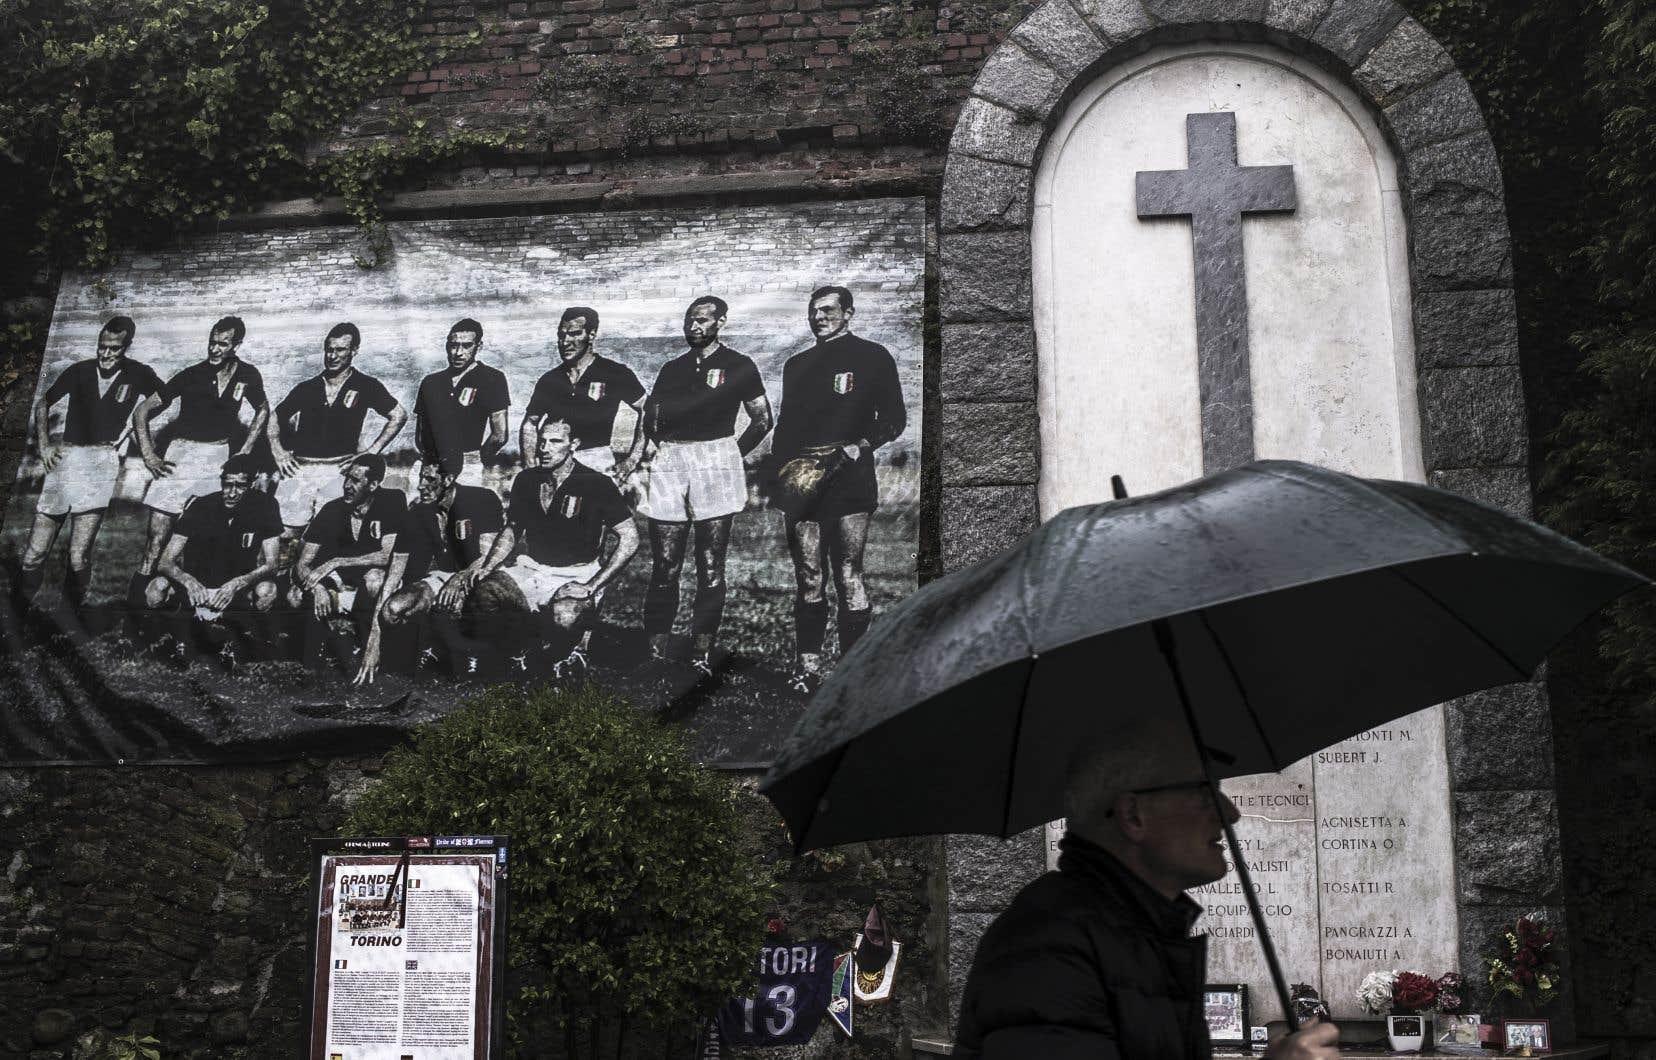 Il y a 70ans, le 4mai 1949, sur les hauteurs de Turin, un accident aérien coûtait la vie à toute l'équipe du Torino, alors quintuple championne d'Italie en titre et dont le destin a laissé une trace extrêmement profonde dans la péninsule.